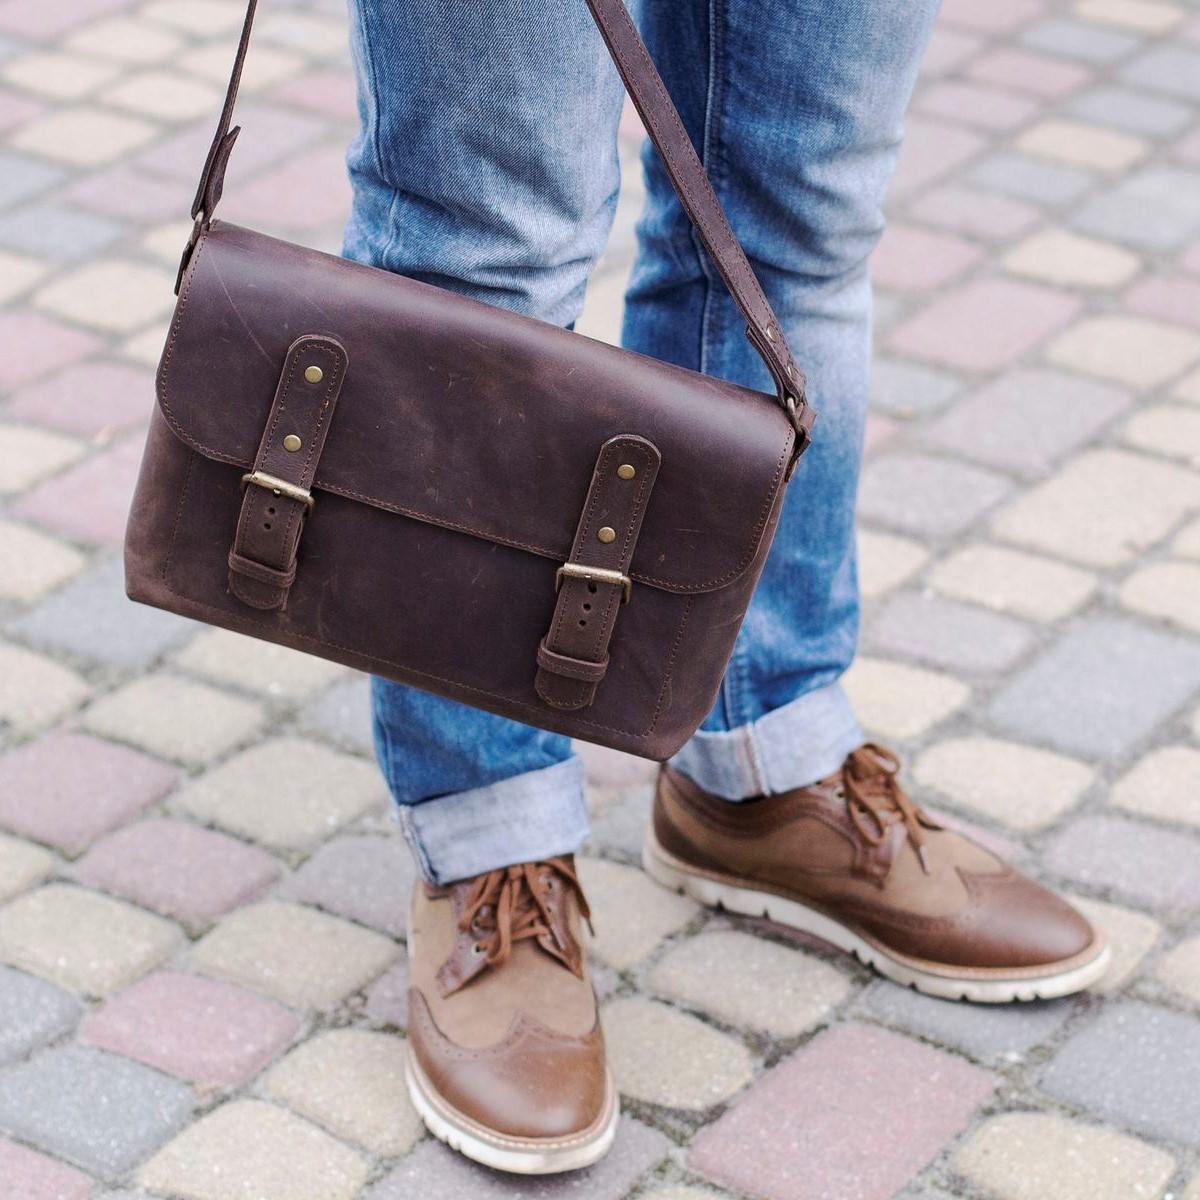 Full Grain Dark Brown Cross Body Bag